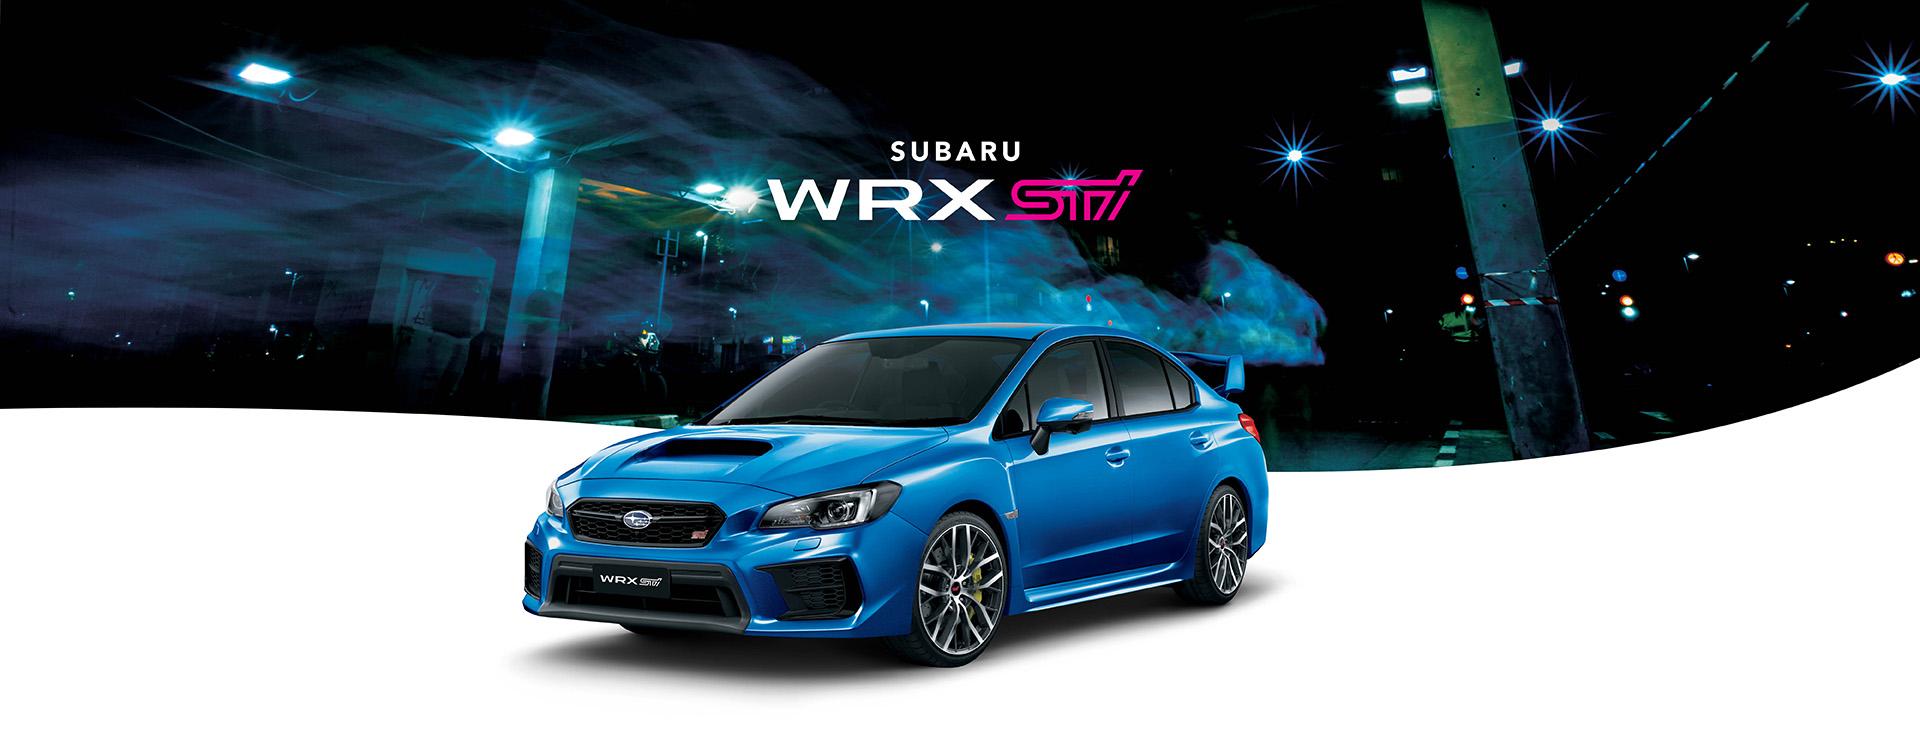 Subaru WRX & WRX STI Features   Subaru Australia